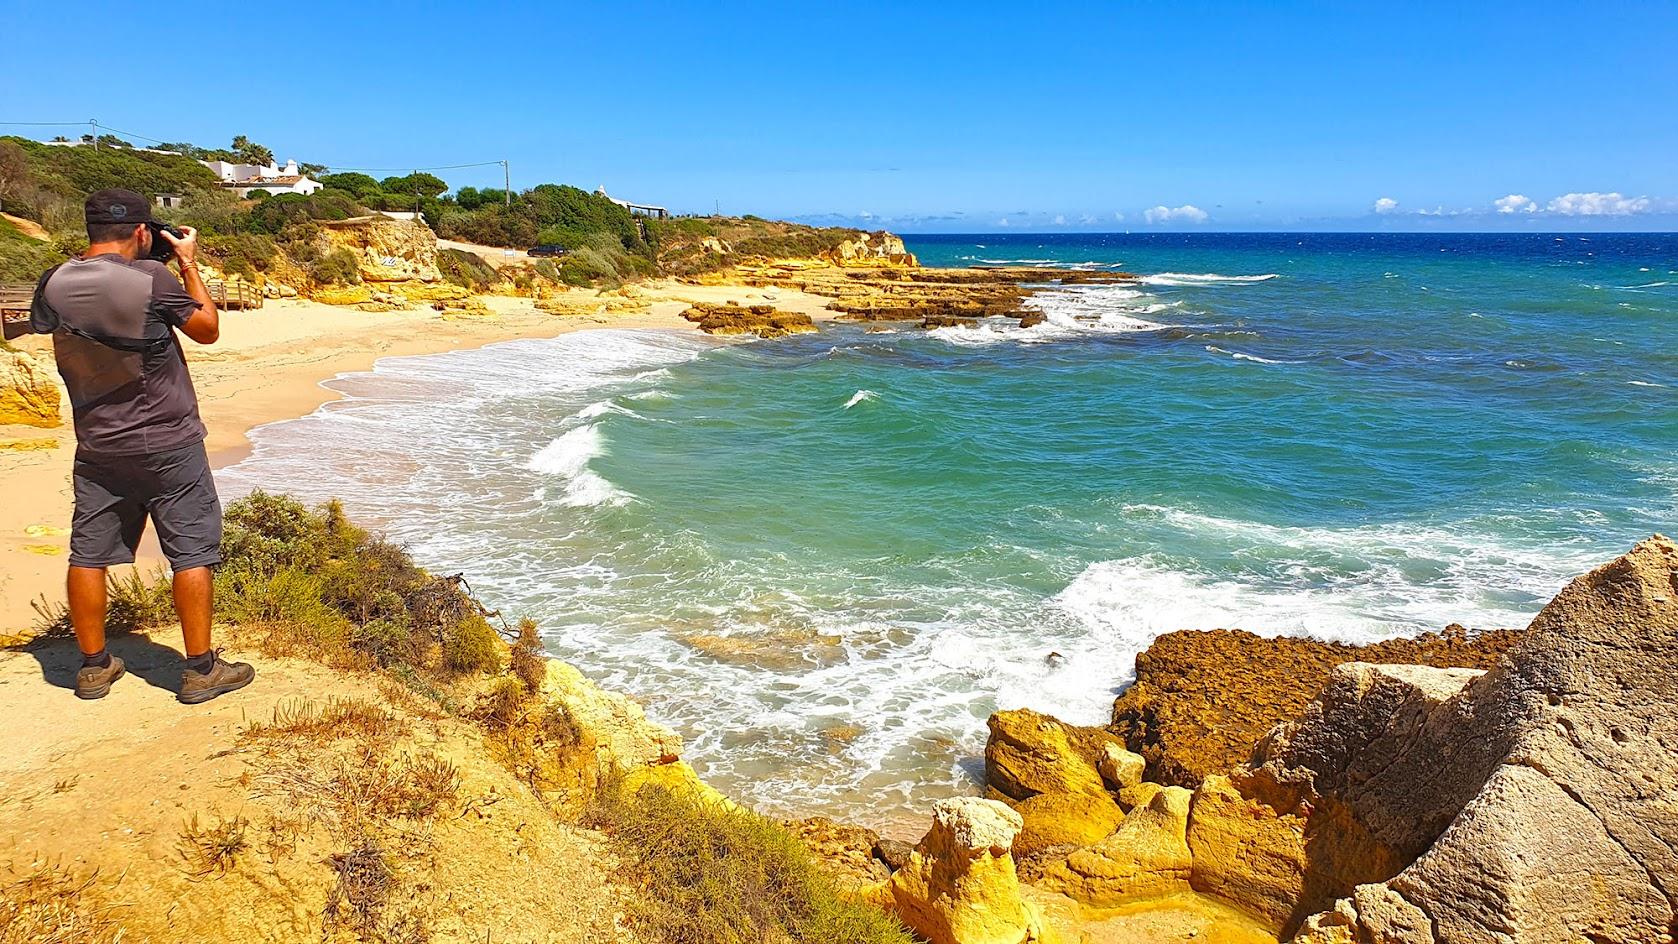 AS MELHORES PRAIAS DO ALGARVE | O que ver e fazer, e onde dormir no Algarve